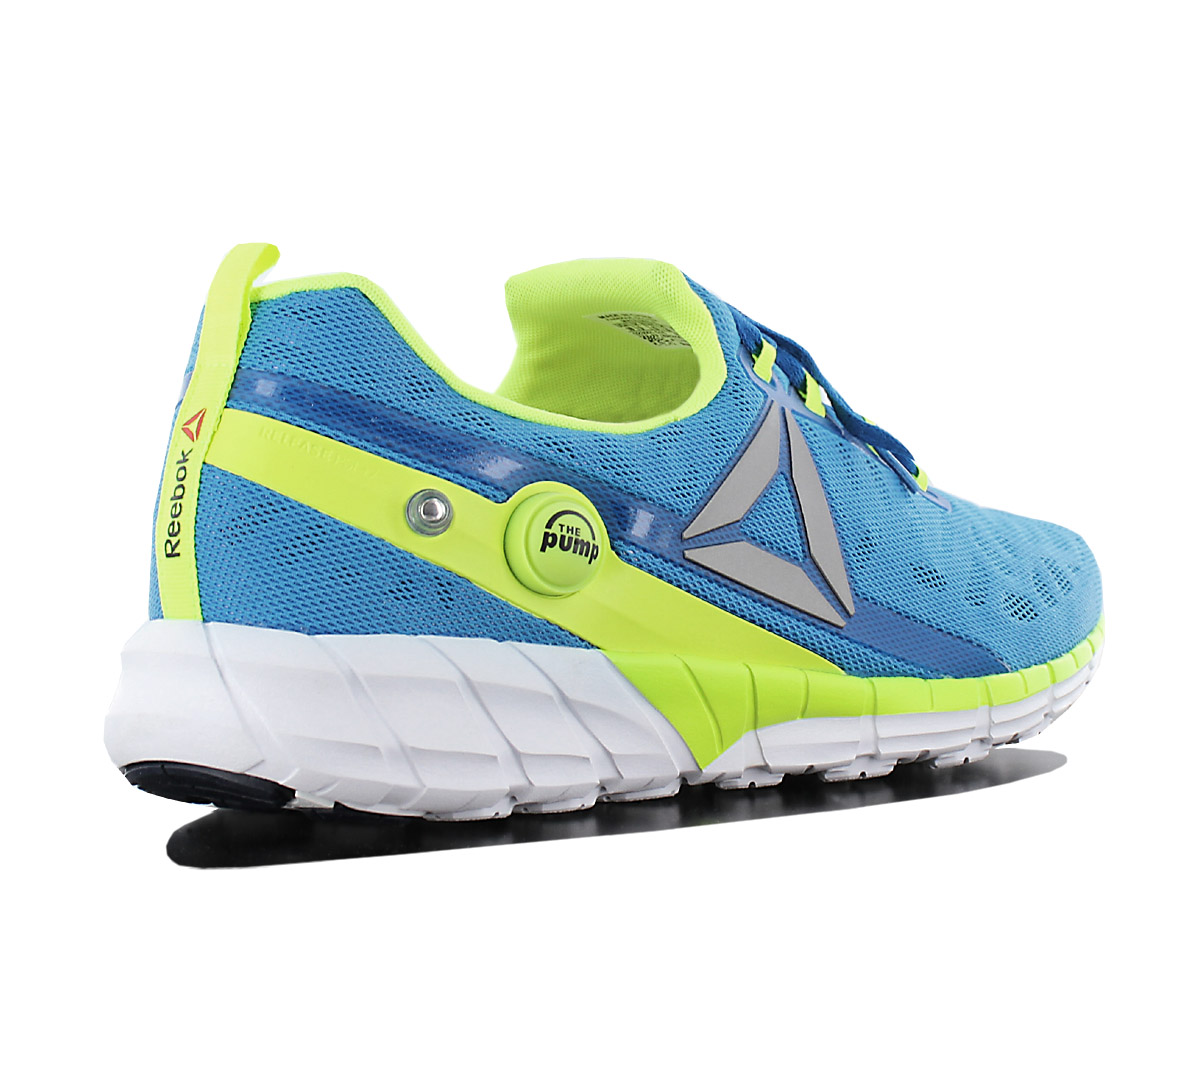 Detalles de Reebok Pump Fusion 2.5 Hombre Zapatos Azul AR0088 Zapatillas de Correr Nuevo